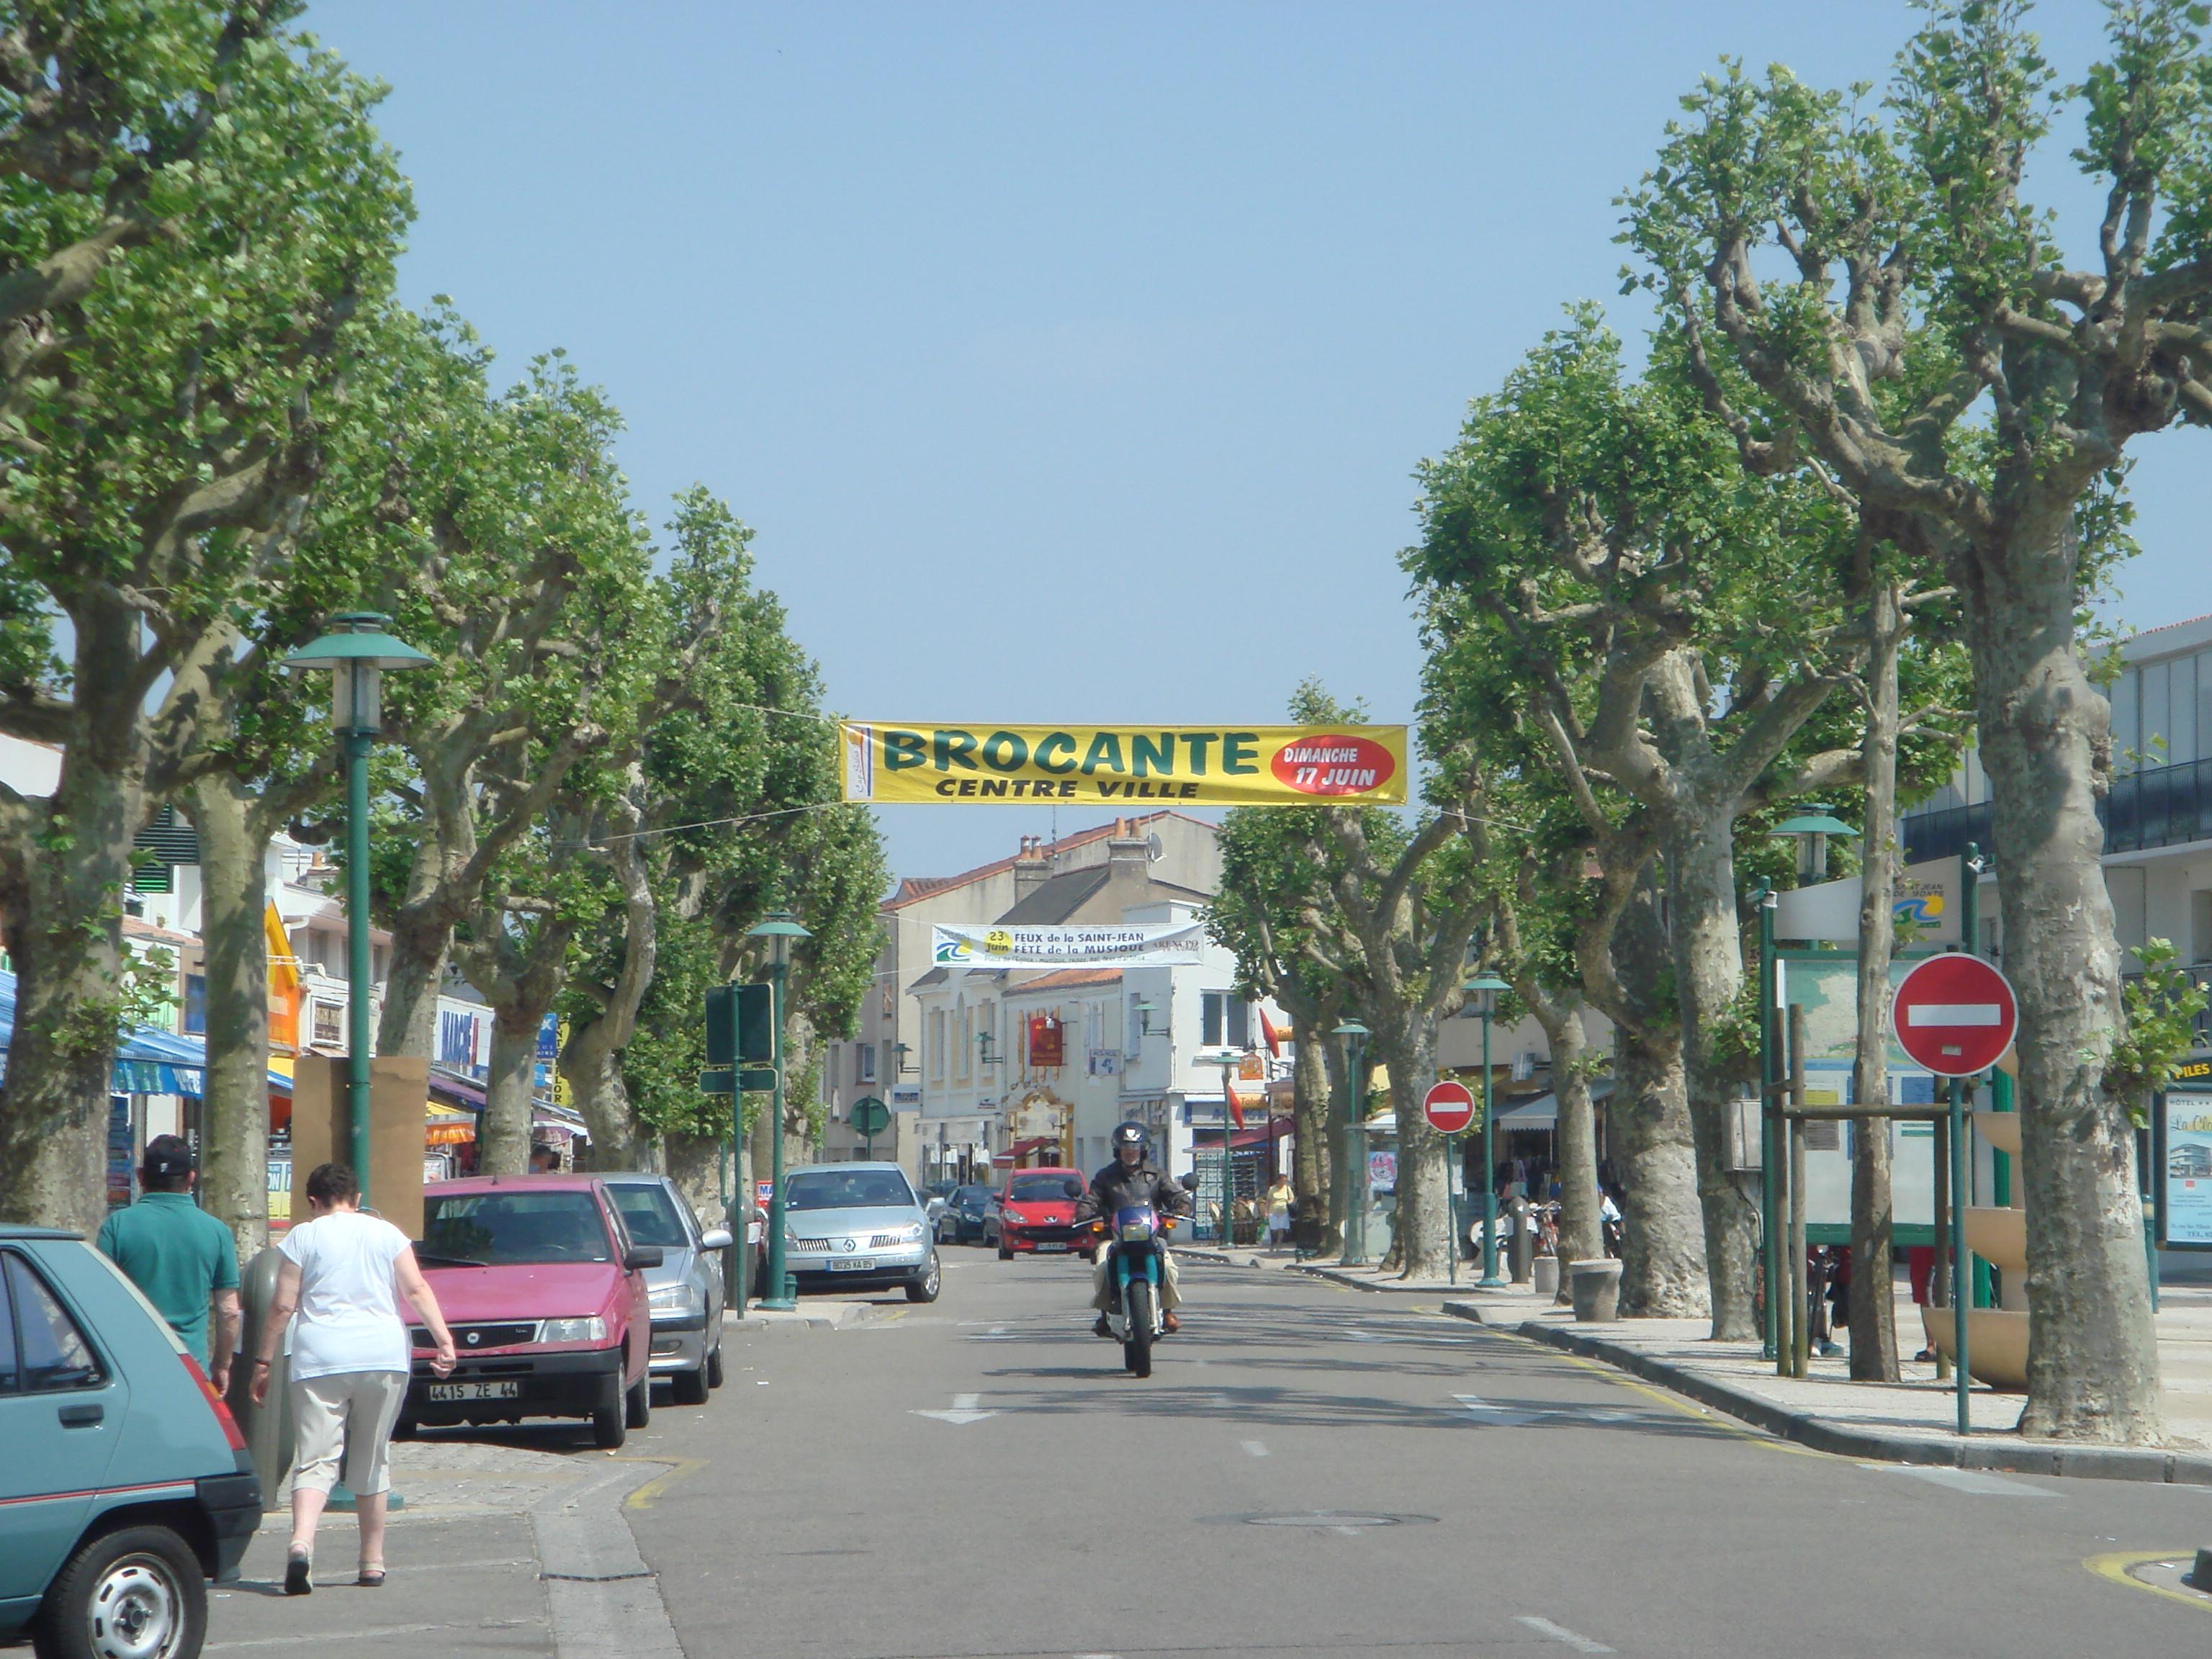 Saint-Jean-de-Monts France  city photos gallery : Saint Jean de Monts Town 1 Wikipedia, the free ...